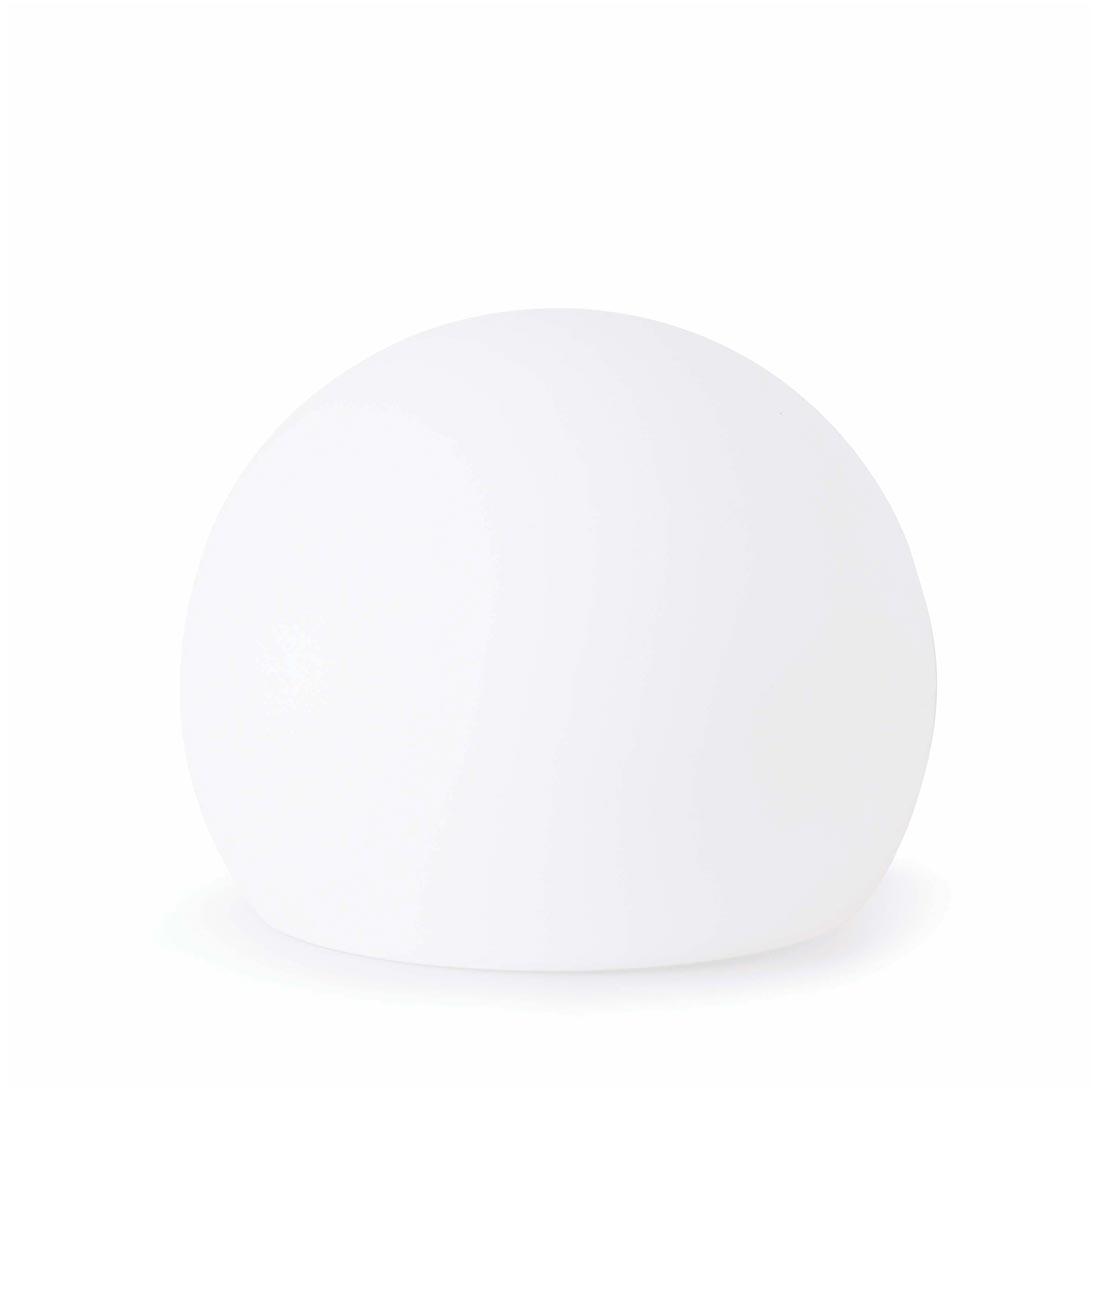 Lámpara portátil grande blanca BALDA